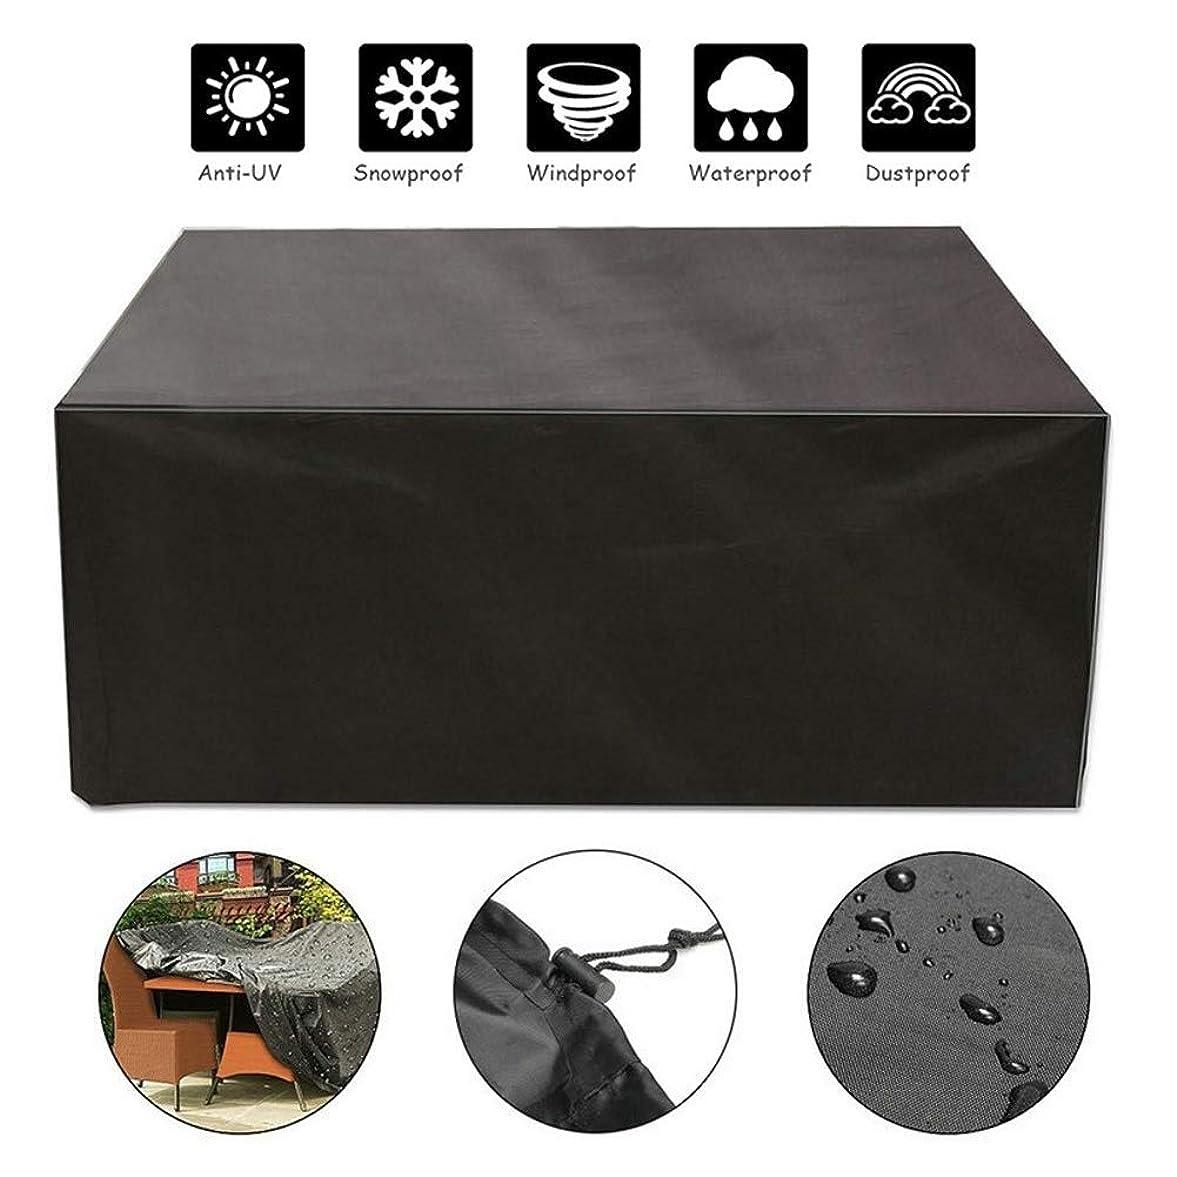 速報開業医ホストWAHOUM ガーデン家具カバー長方形の全天候型屋外パティオガーデン屋外用家具カバーブラック 、15サイズ (Color : Black, Size : 200x160x70cm)